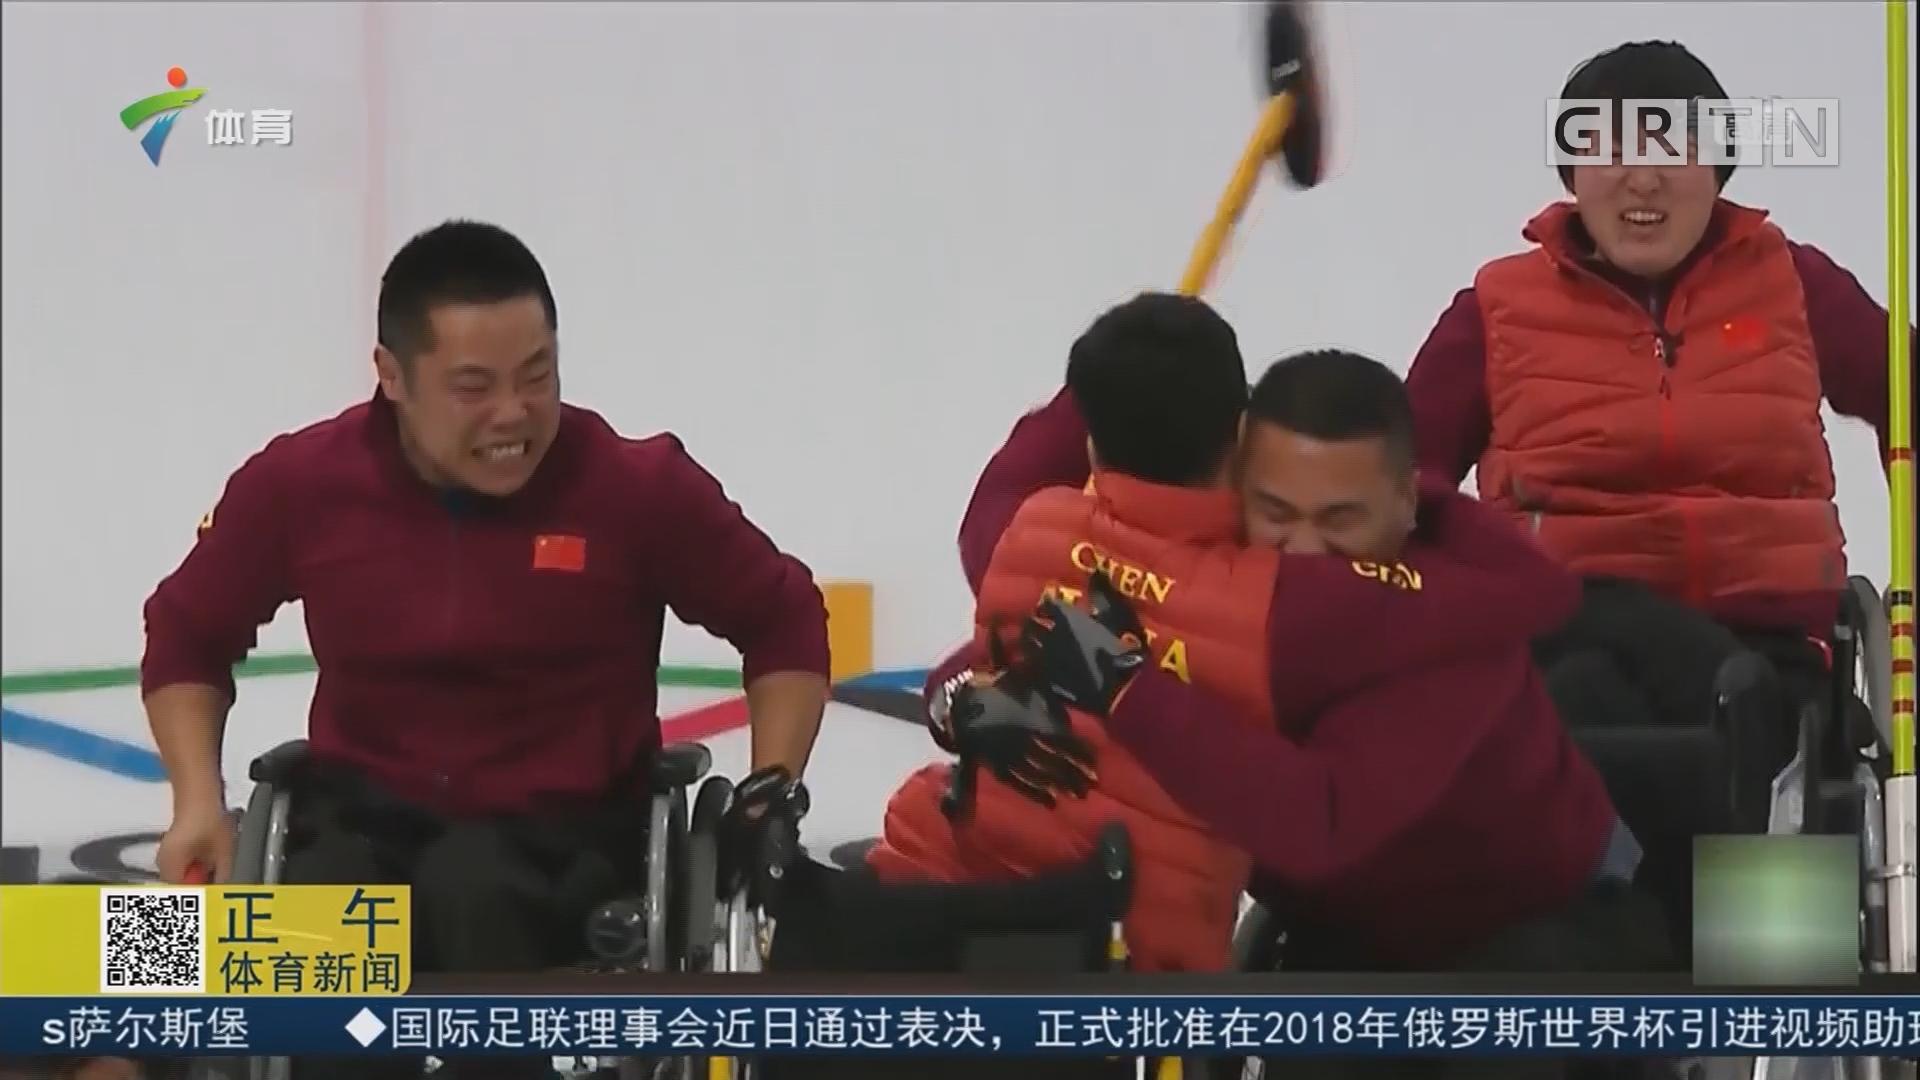 平昌冬残奥会 中国轮椅冰壶队创造历史